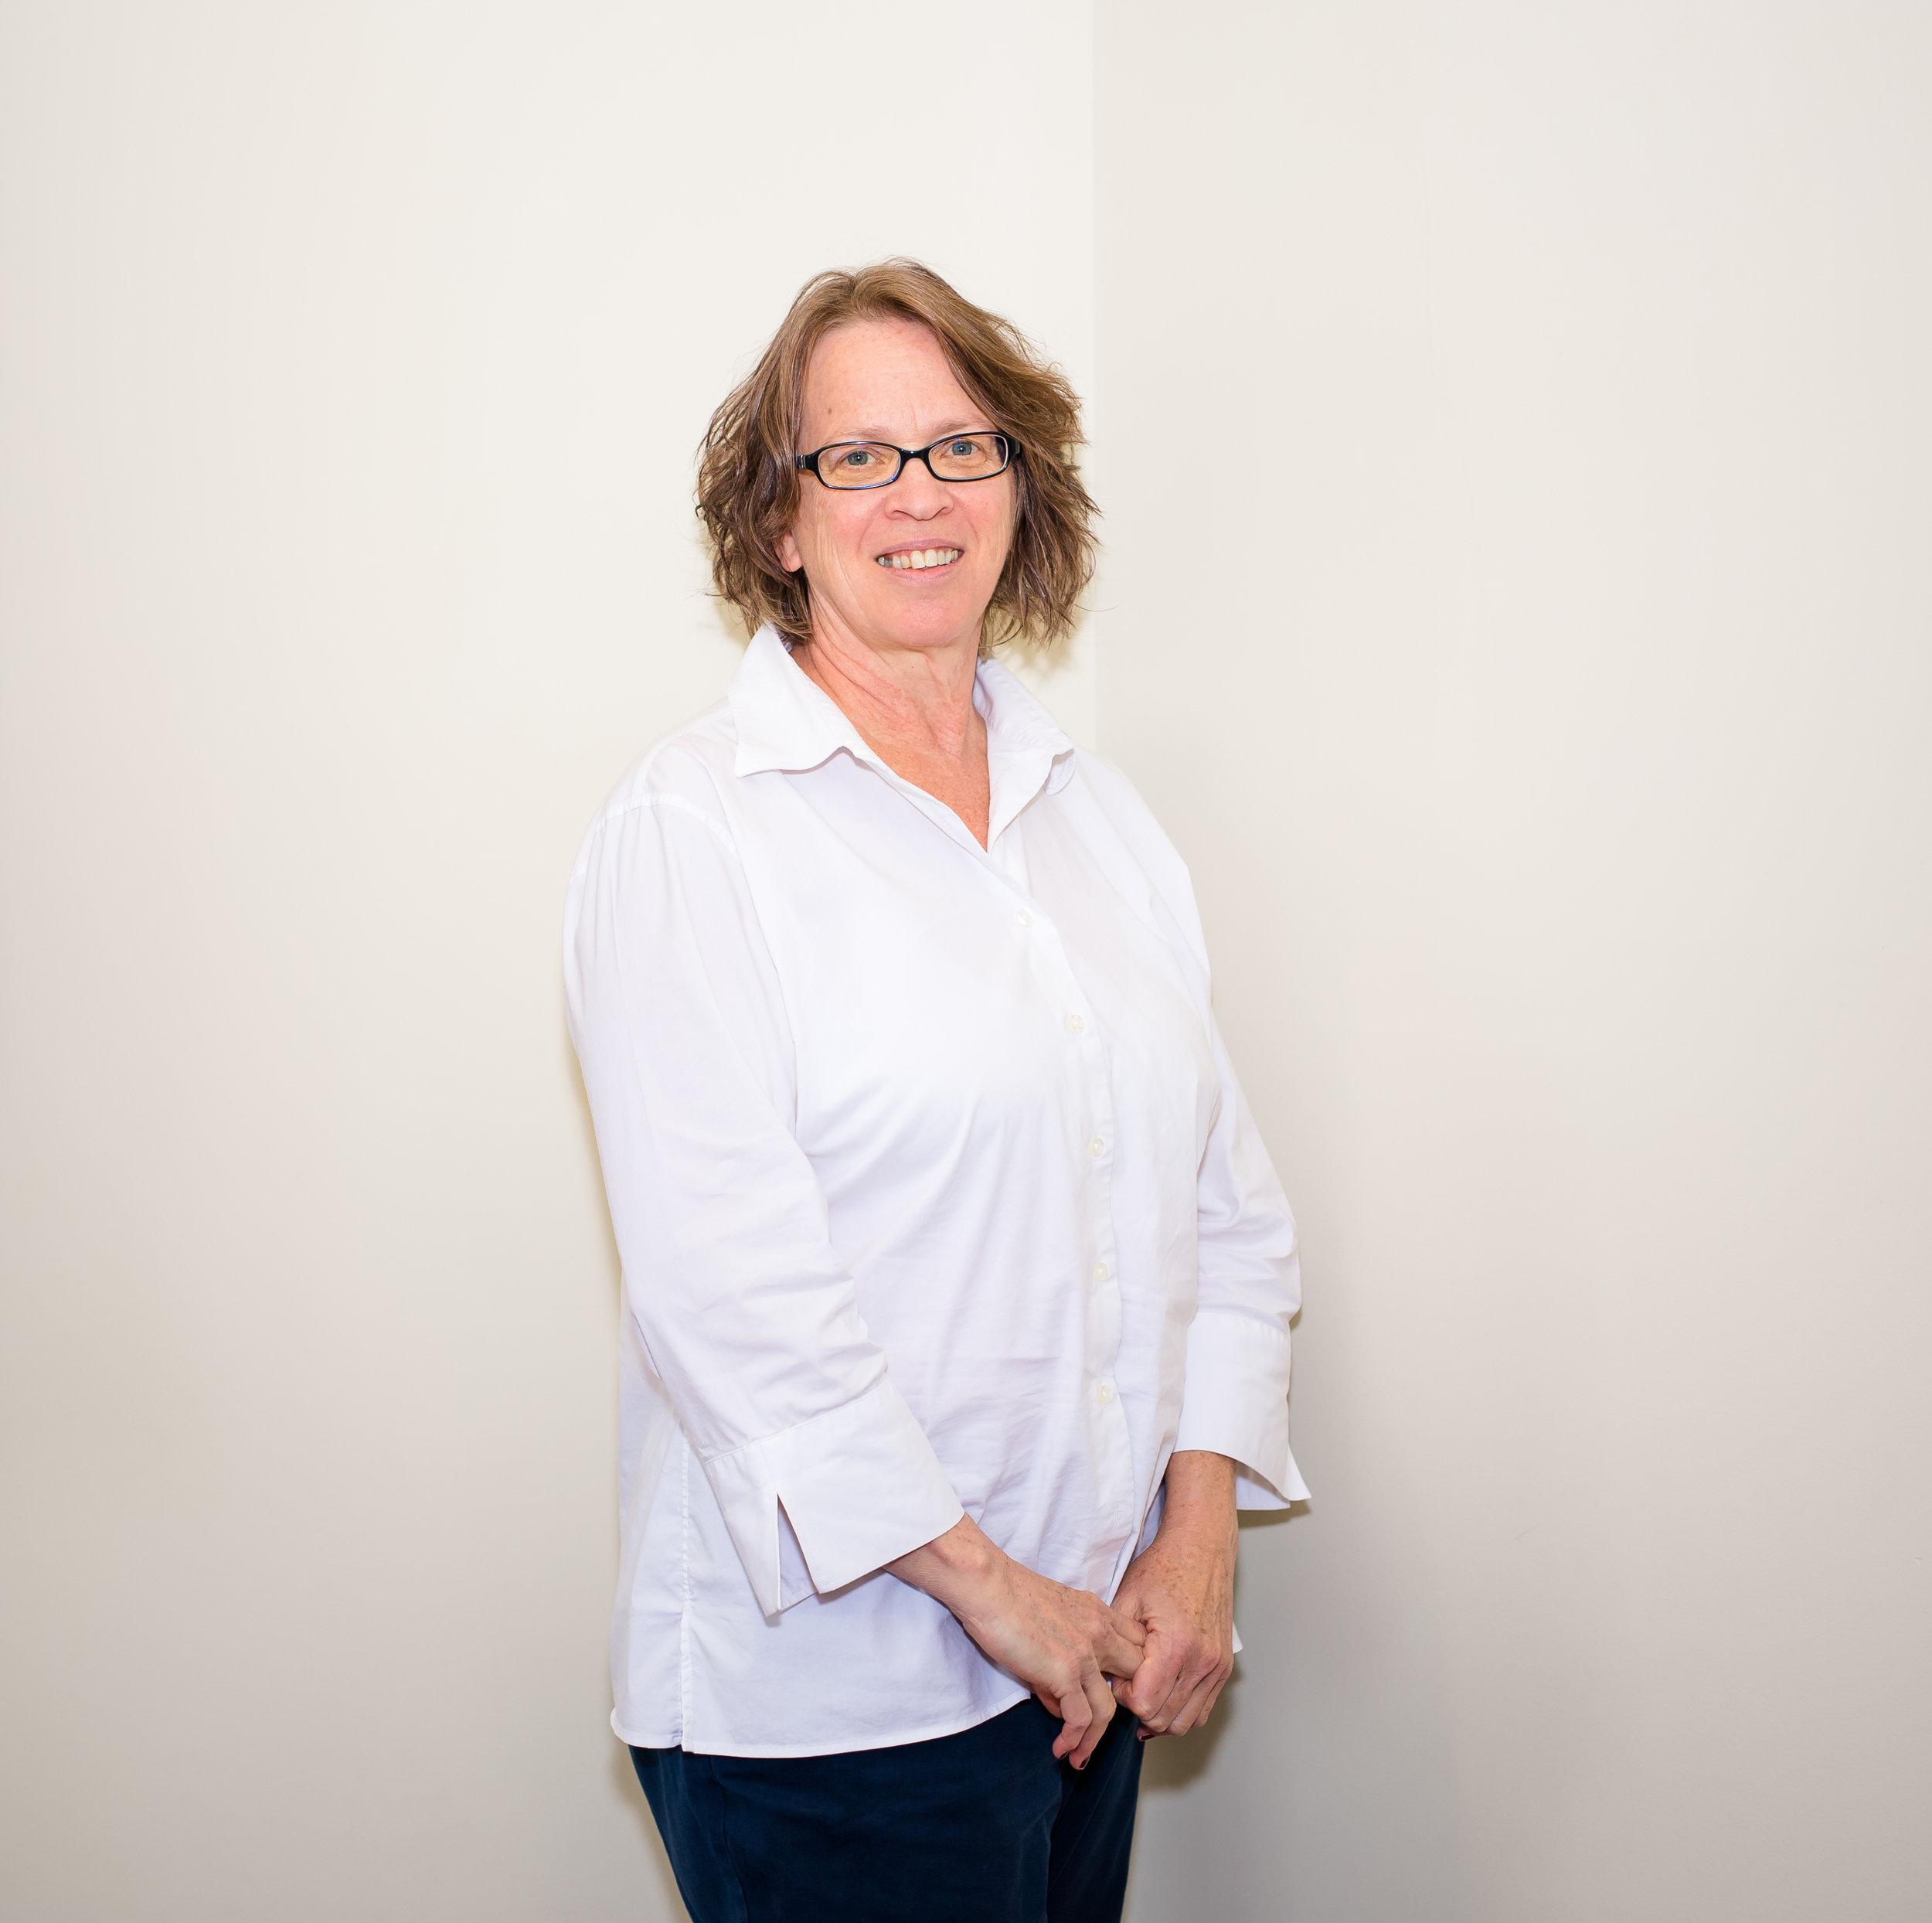 Charlene - Bookkeeper